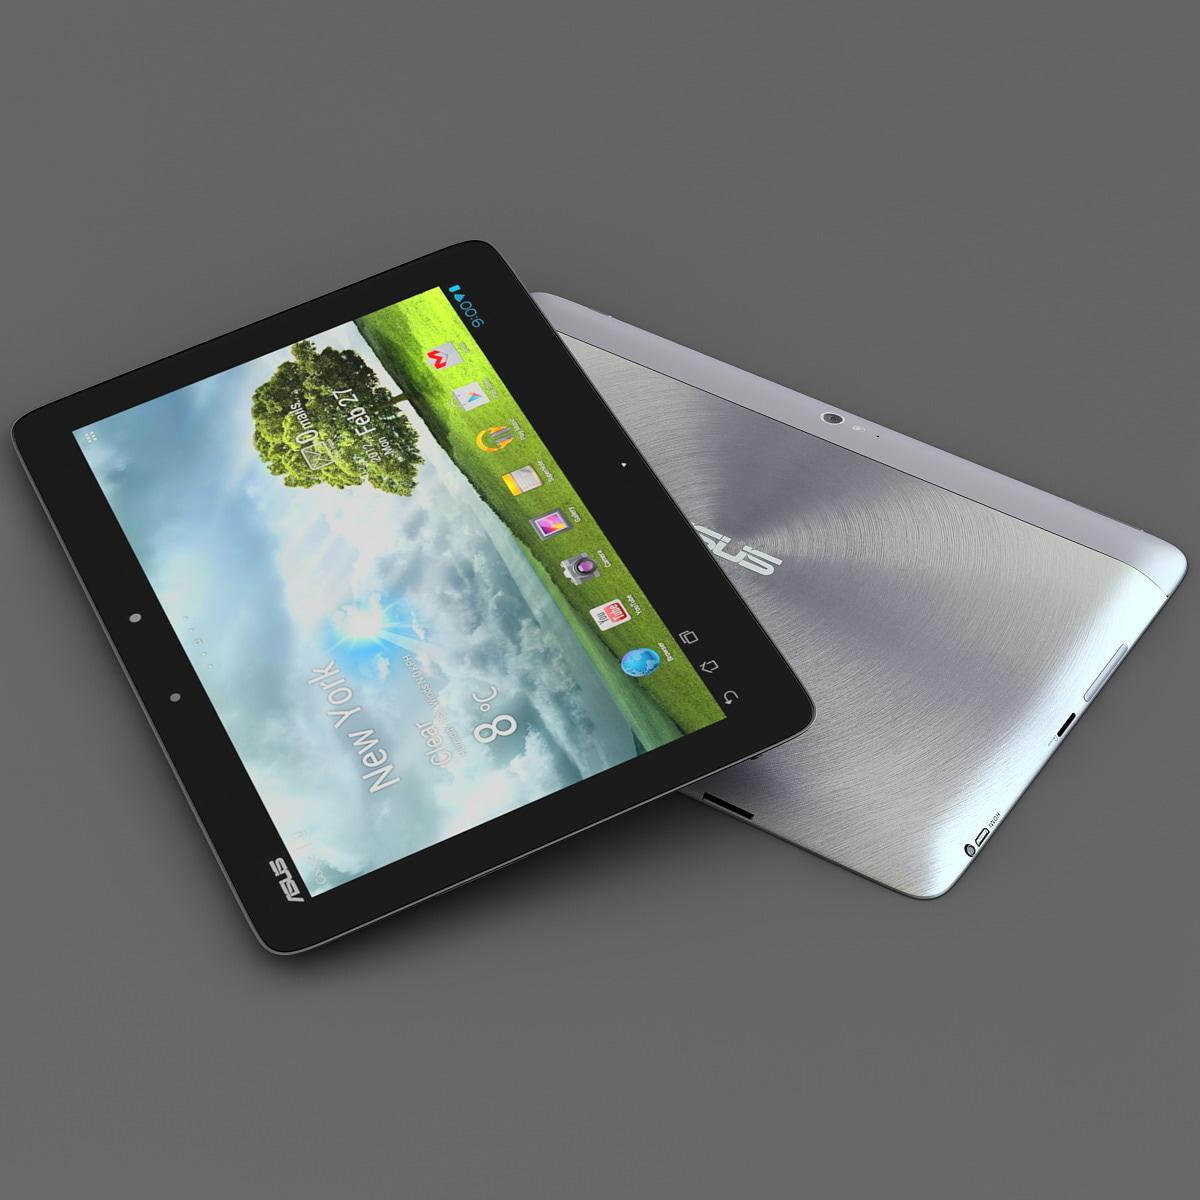 ASUS_TF700T-B1-GR_Tablet_006.jpg